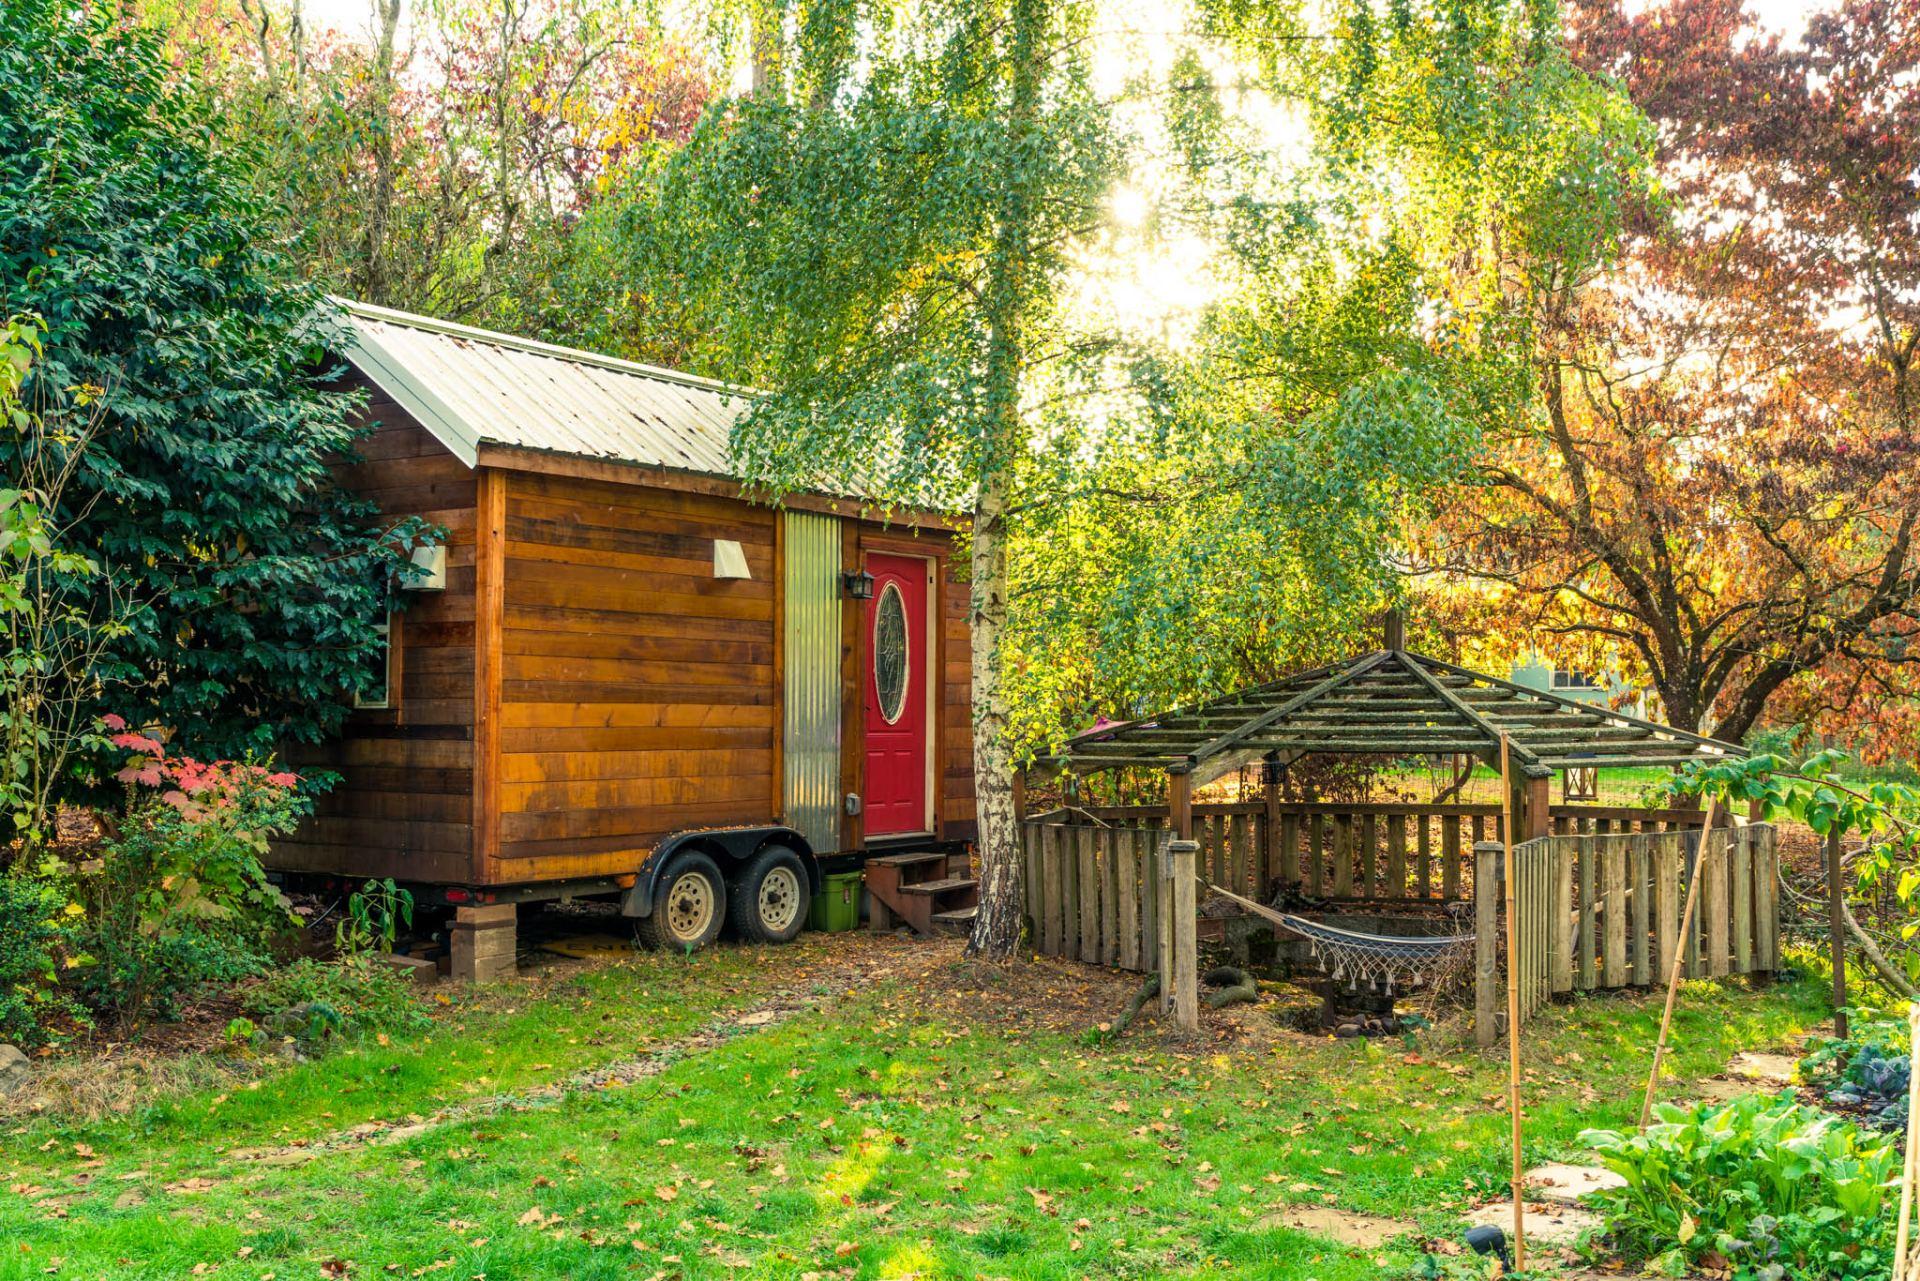 Tiny House Community Celebrates 1 Year Anniversary